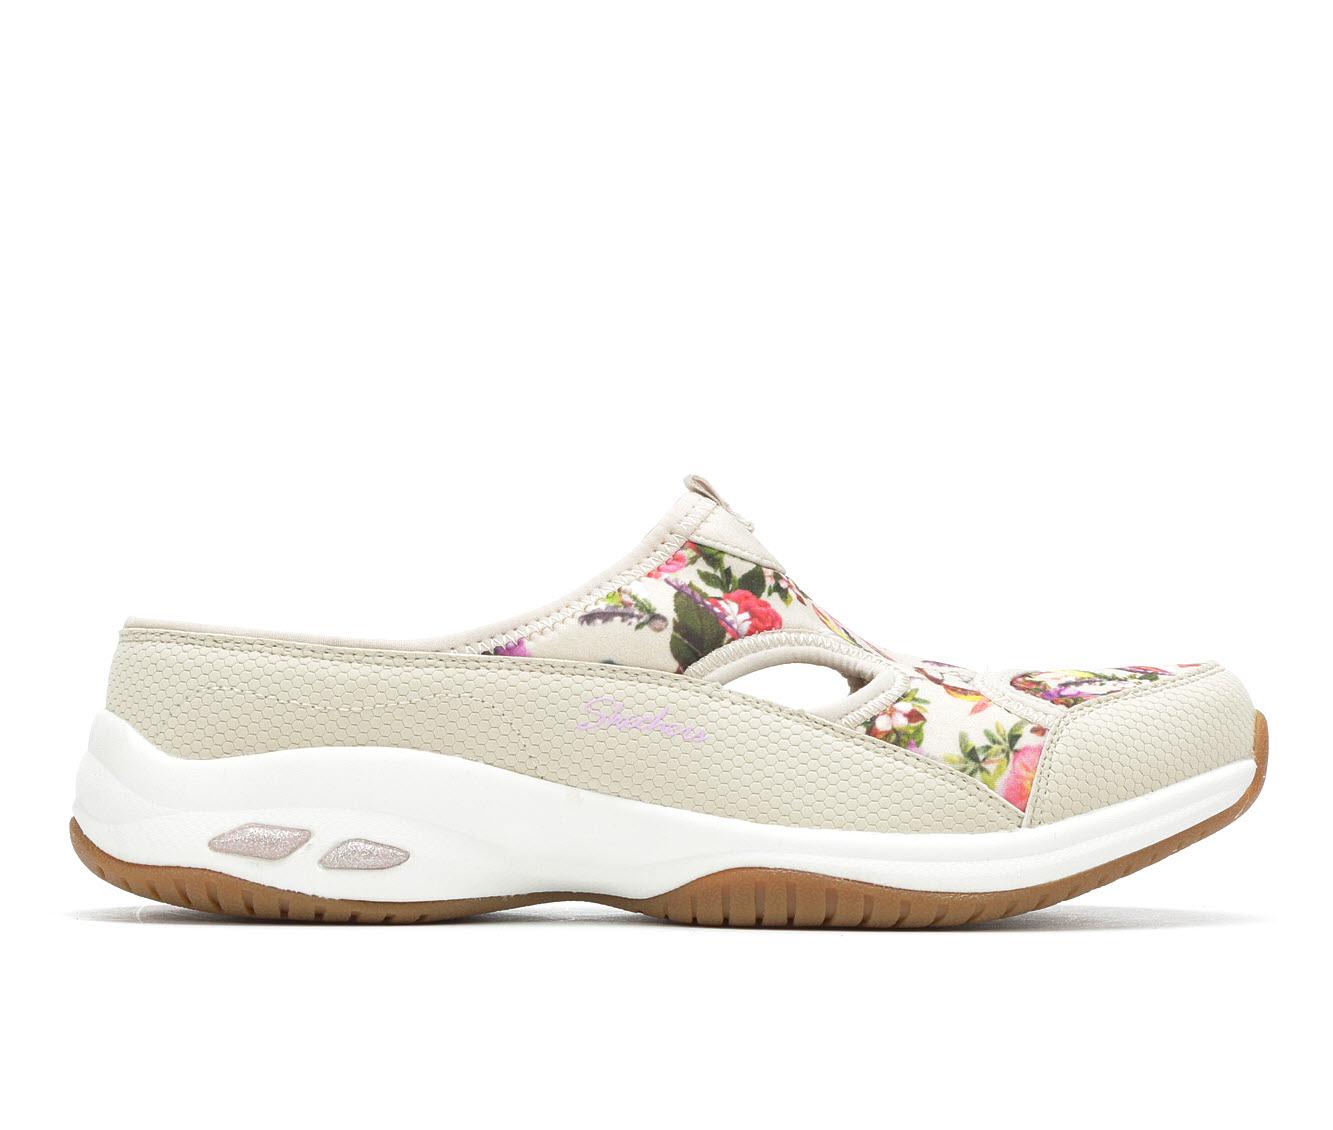 Skechers Ocean Pine 44918 Women's Shoe (Brown Canvas)